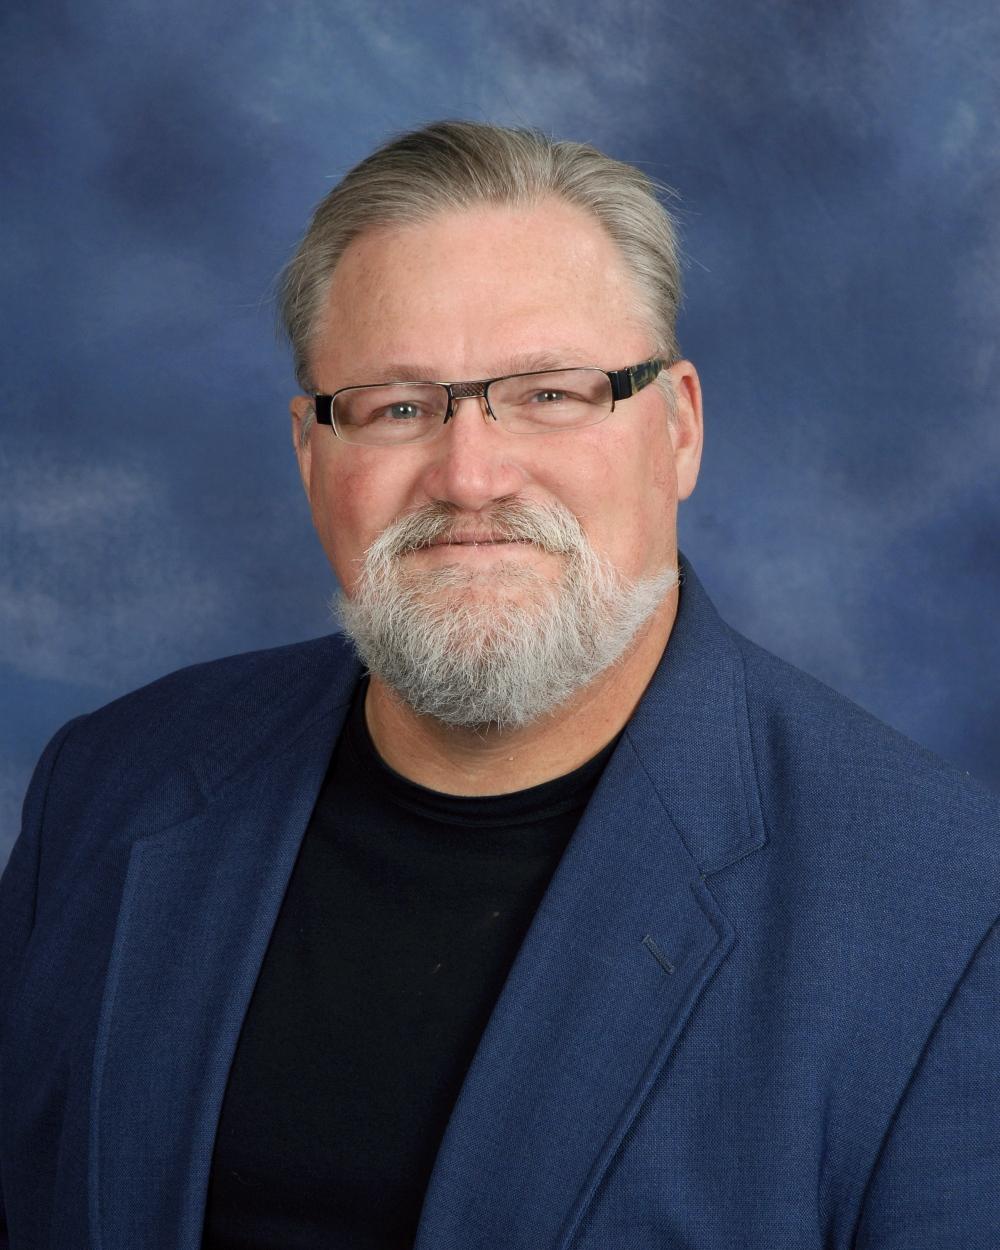 Tom Hacker, Minister of Music & Maintenance